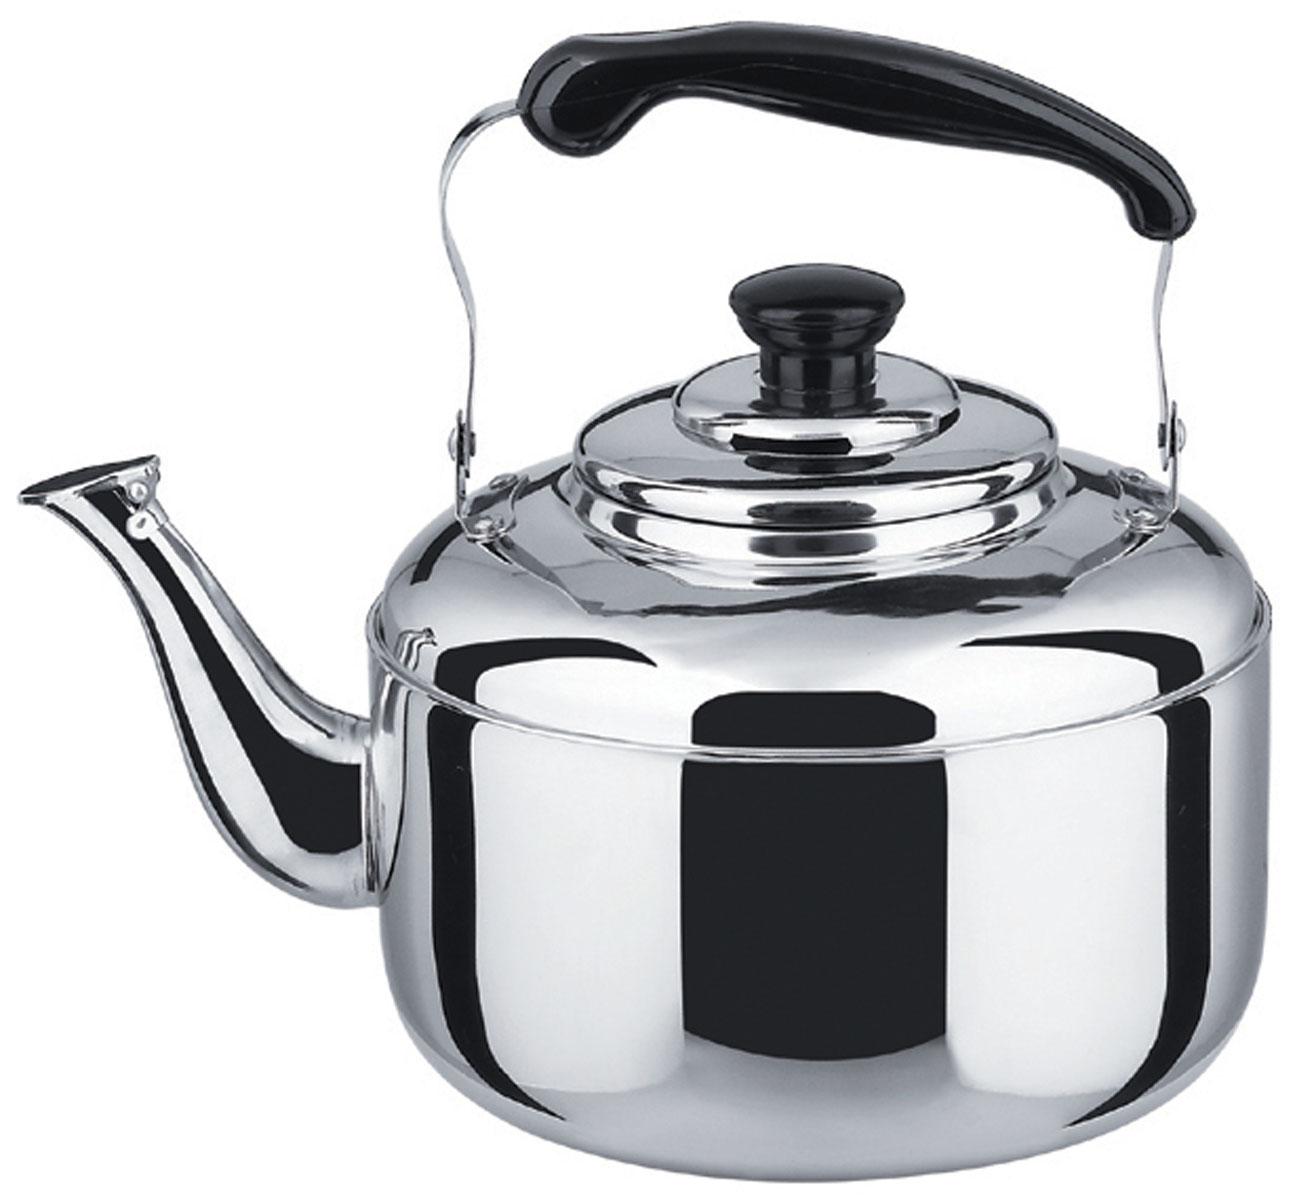 Чайник Bekker Koch со свистком, 2 л. BK-S485BK-S485Чайник Bekker Koch изготовлен из высококачественной нержавеющей стали с зеркальной полировкой. Цельнометаллическое дно распределяет тепло по всей поверхности, что позволяет чайнику быстро закипать. Эргономичная подвижная ручка выполнена из нержавеющей стали и бакелита черного цвета. Носик оснащен откидным свистком, который подскажет, когда вода закипела. Широкое отверстие по верхнему краю позволяет удобно наливать воду.Подходит для всех типов плит, включая индукционные. Можно мыть в посудомоечной машине.